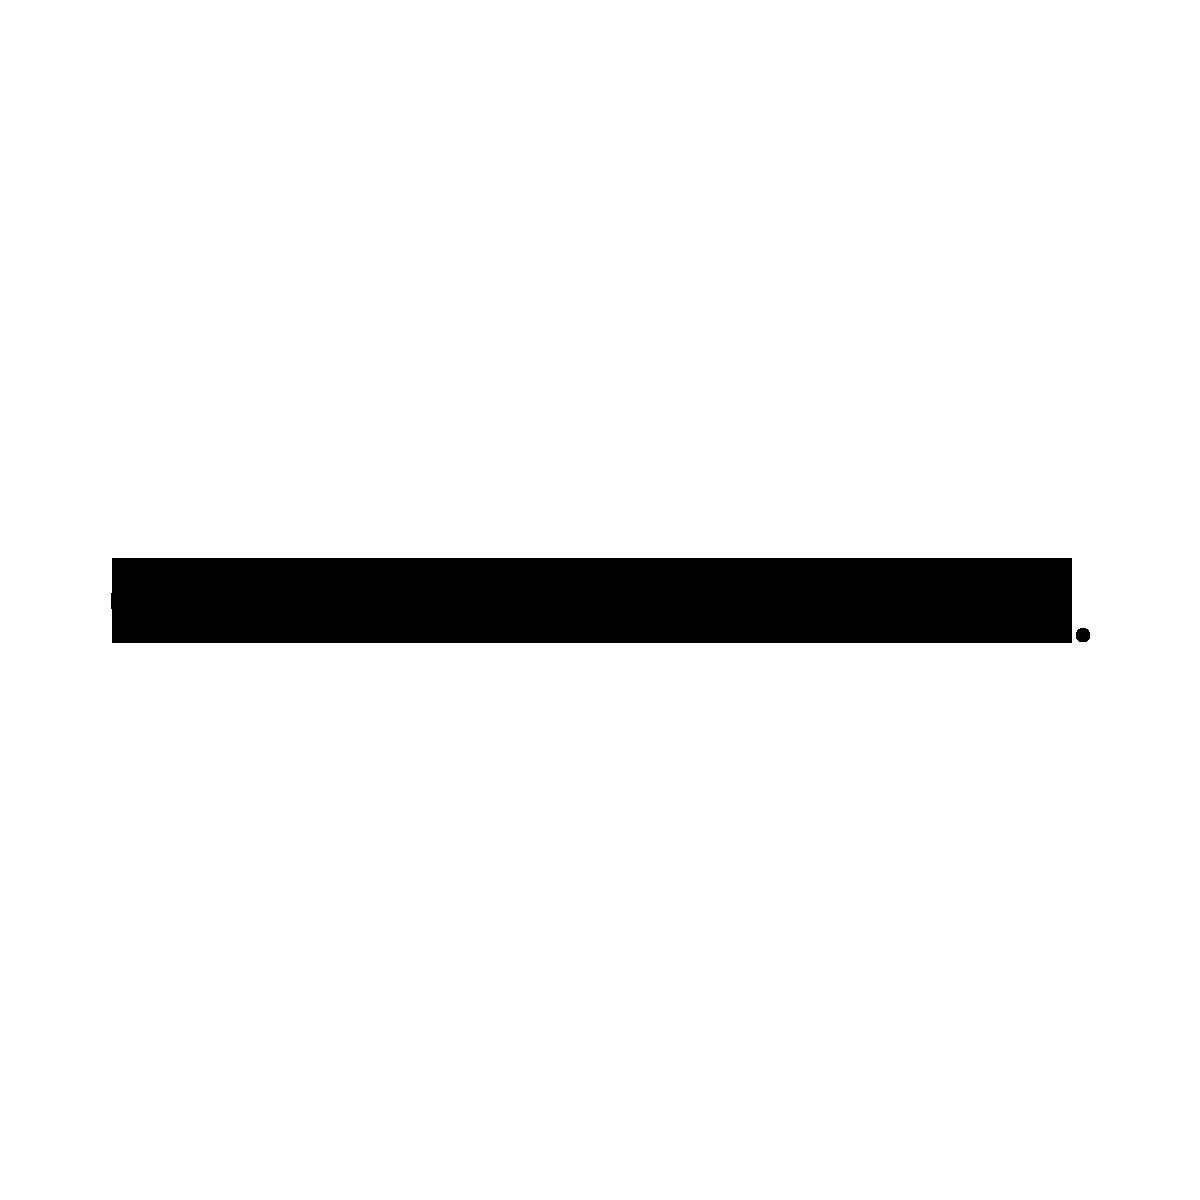 Business-Tasche-per-Hand-geschliffenes-Leder-Braun